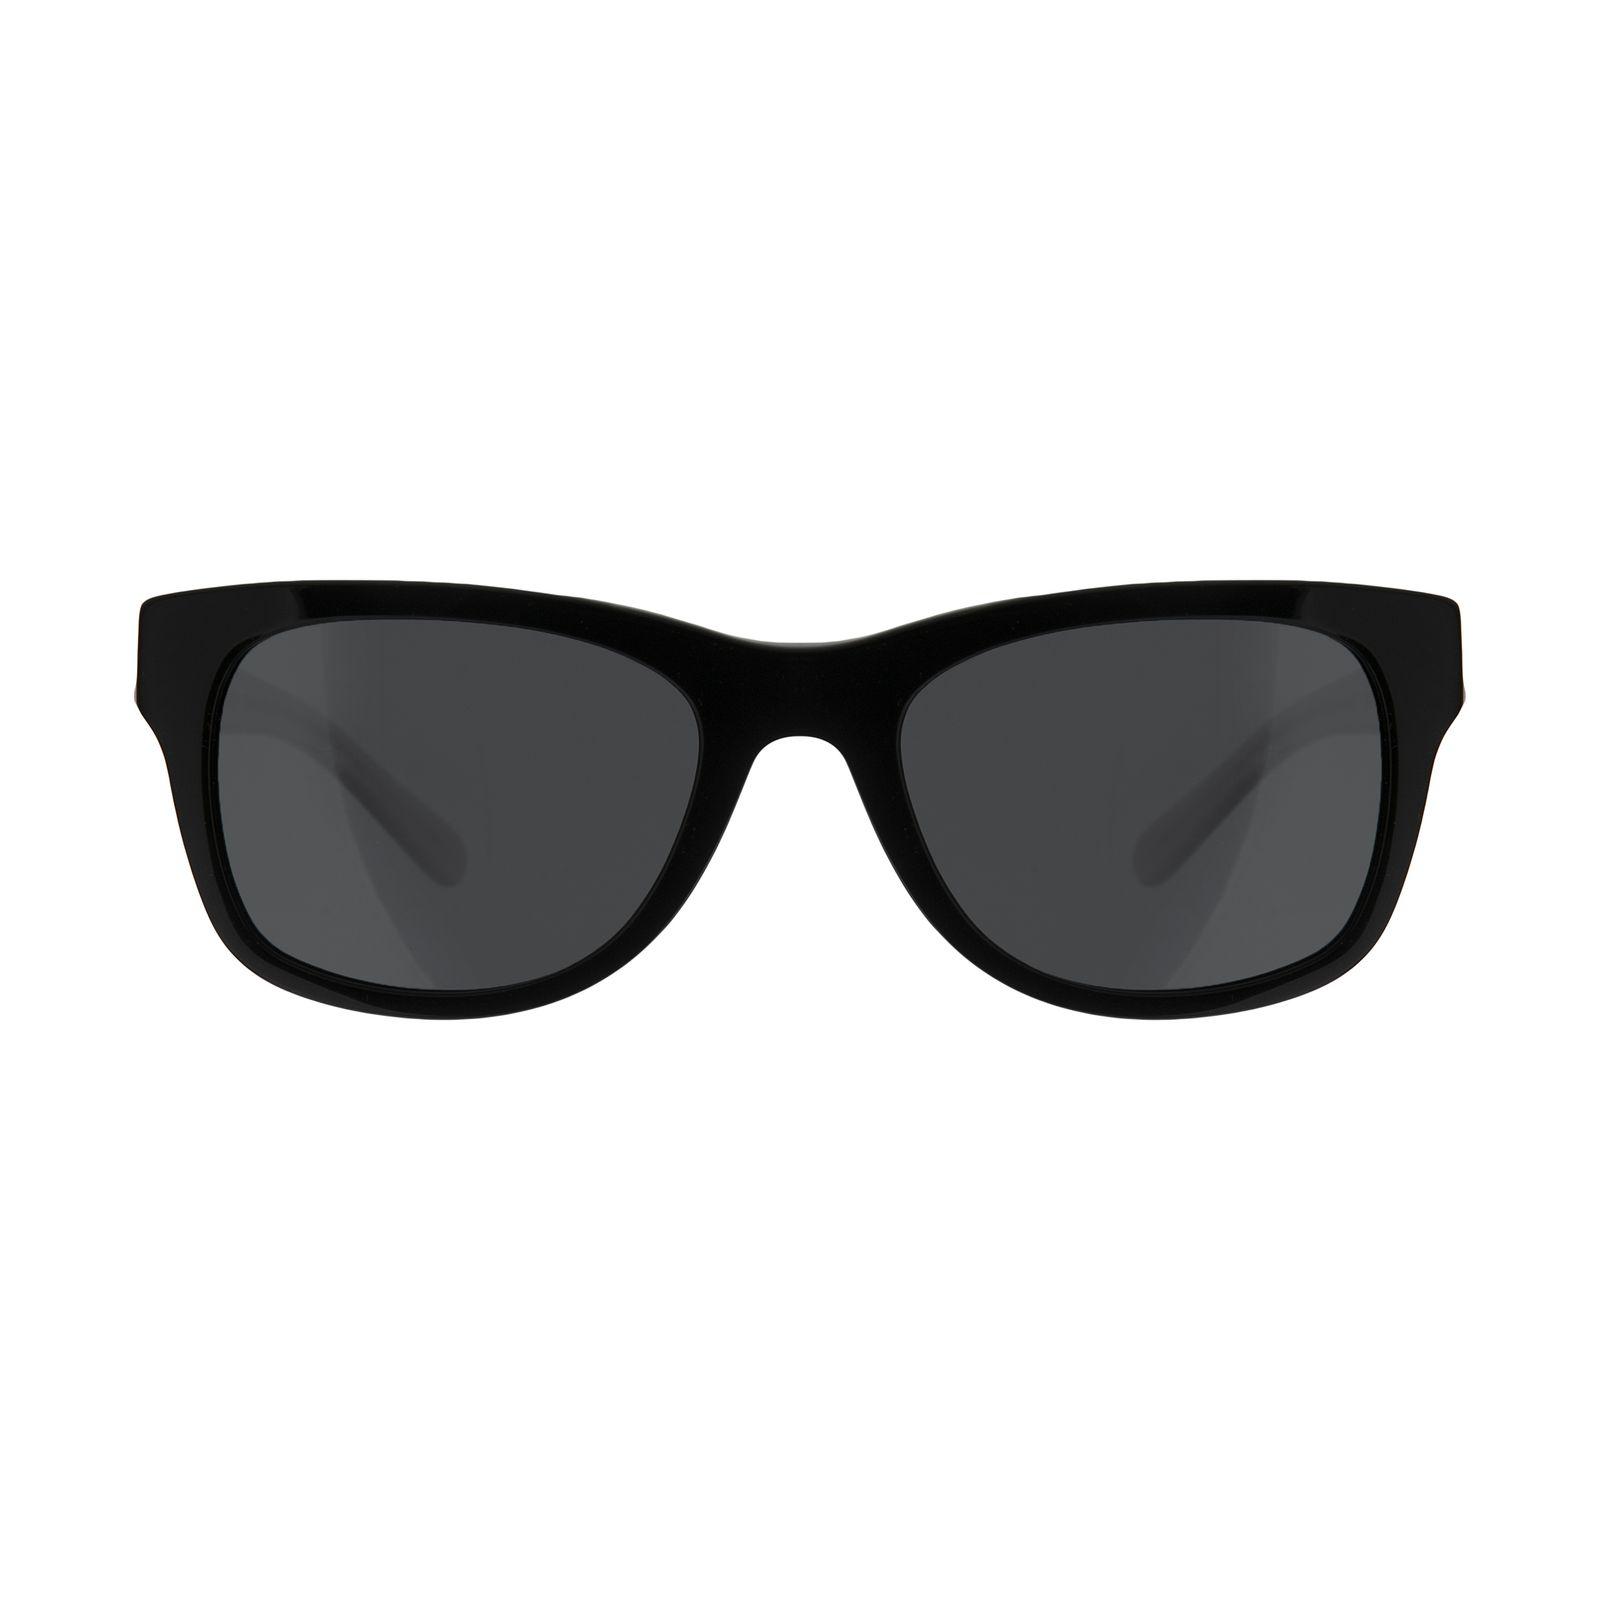 عینک آفتابی زنانه بربری مدل BE 4211S 300187 55 -  - 2